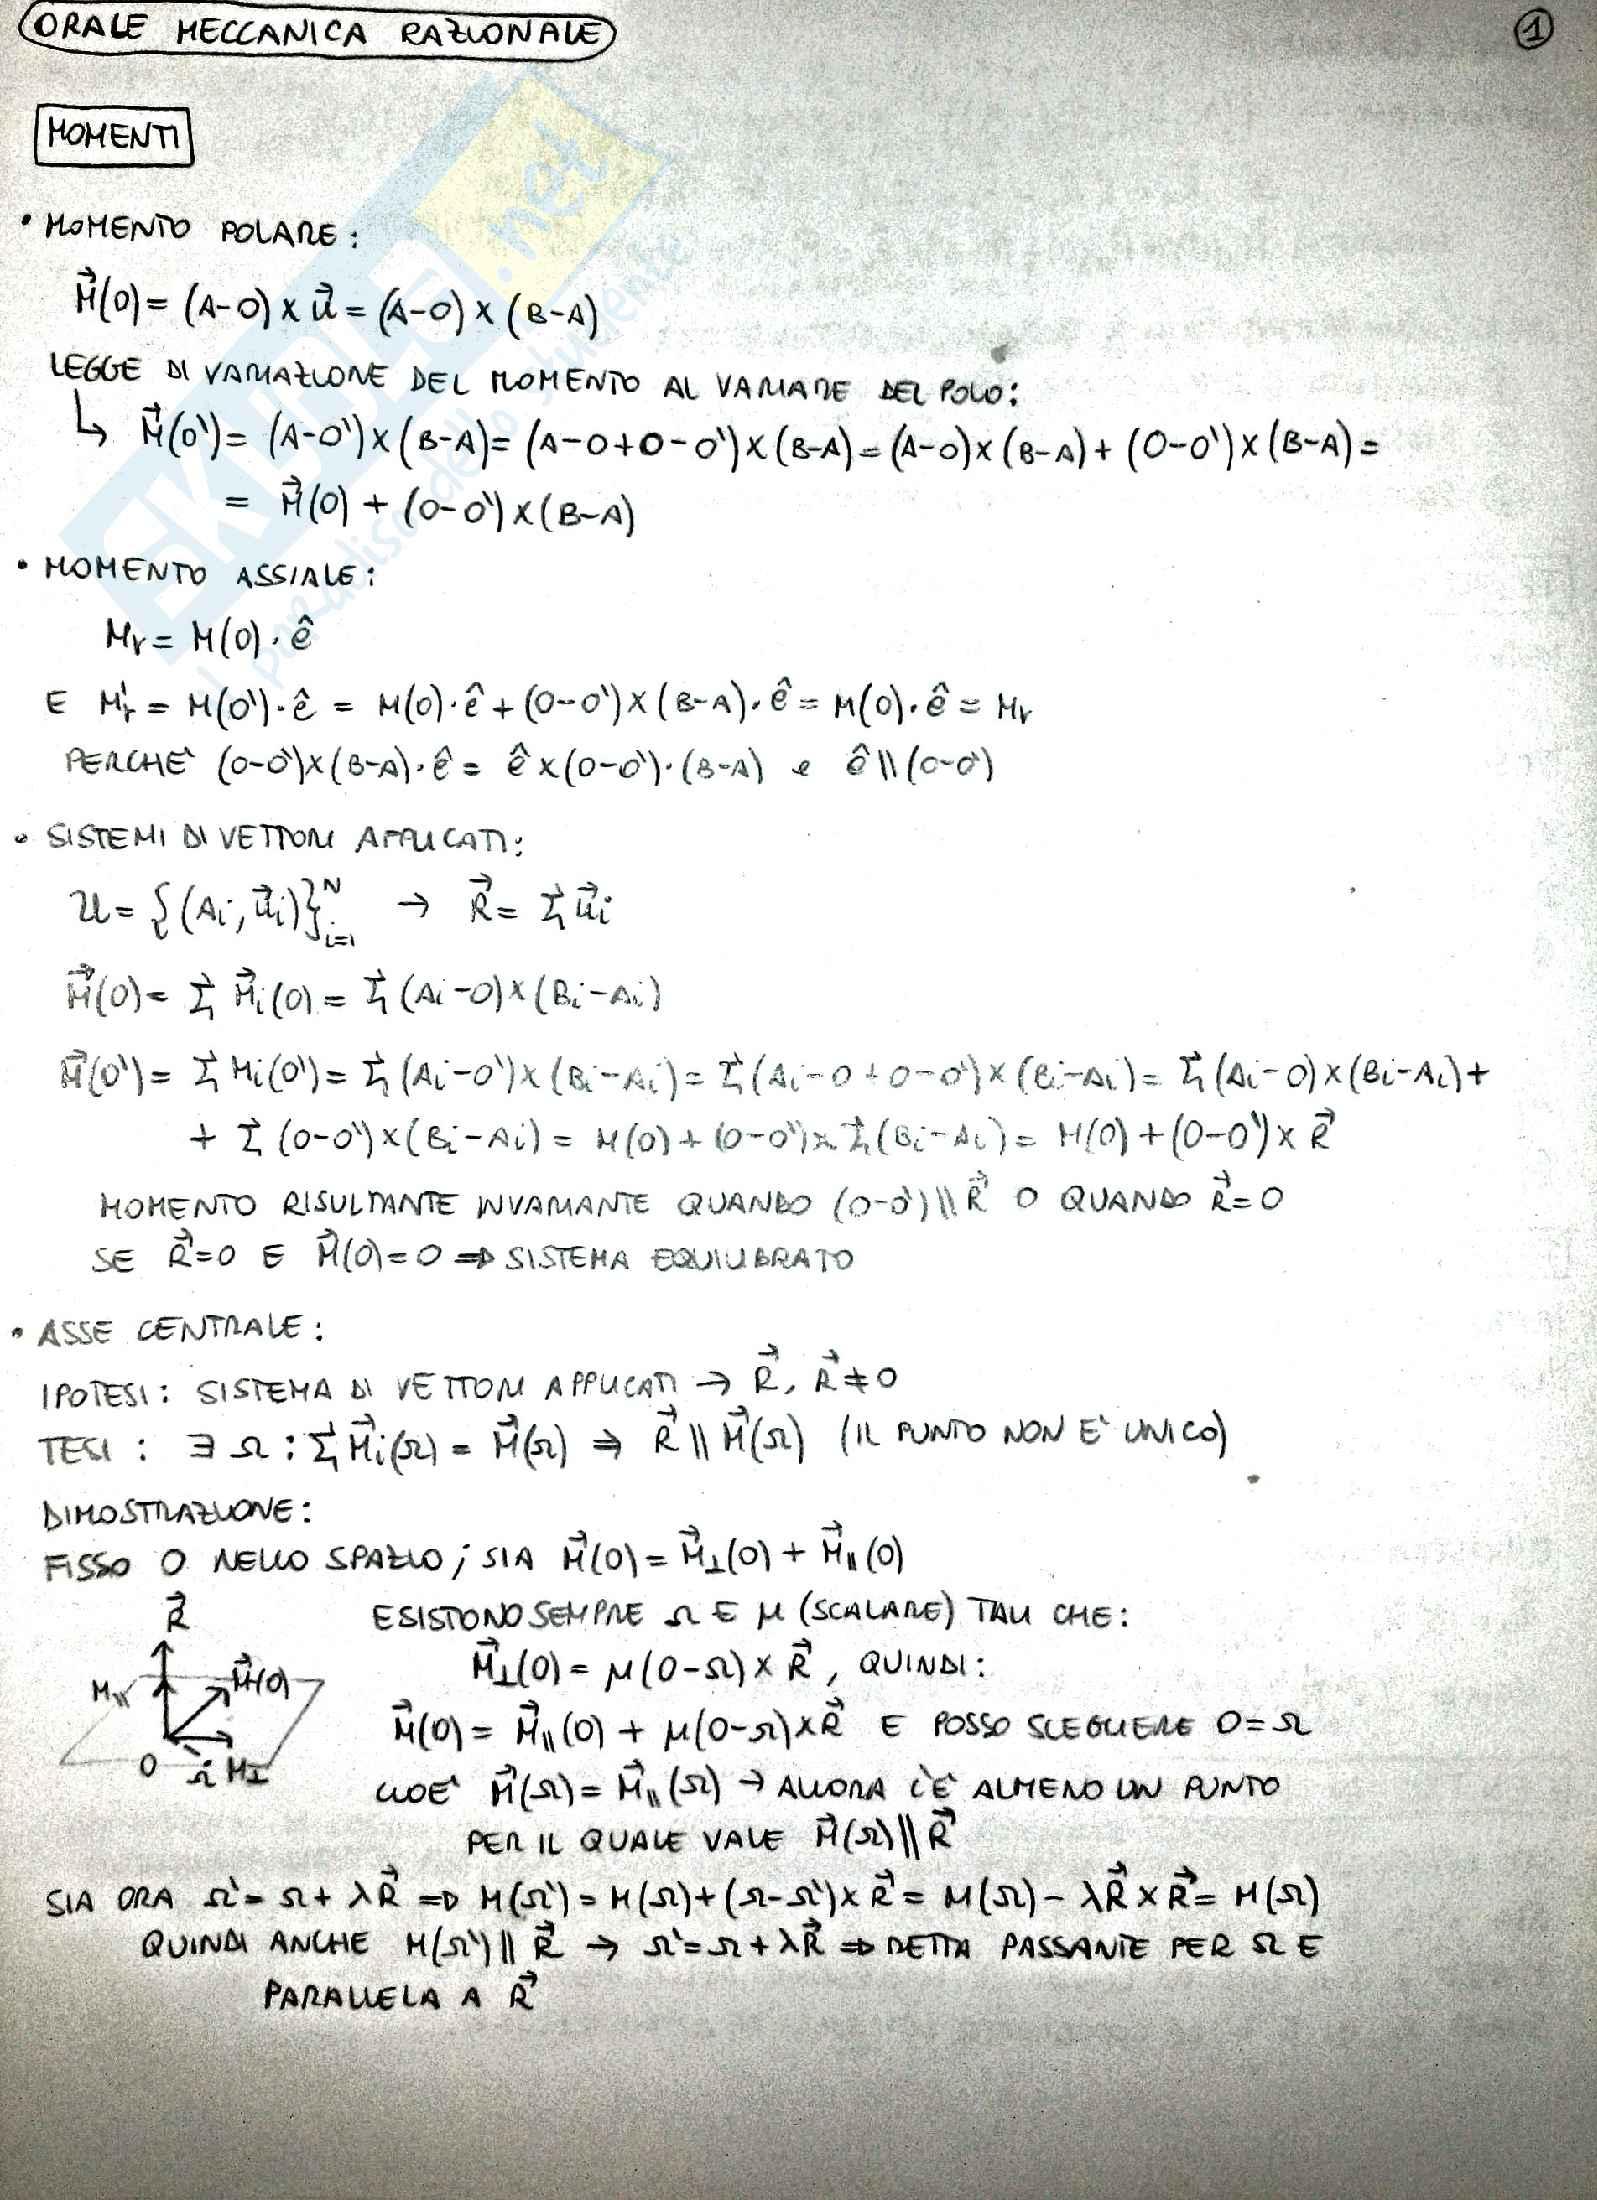 Riassunto Meccanica Razionale, prof. Demeio